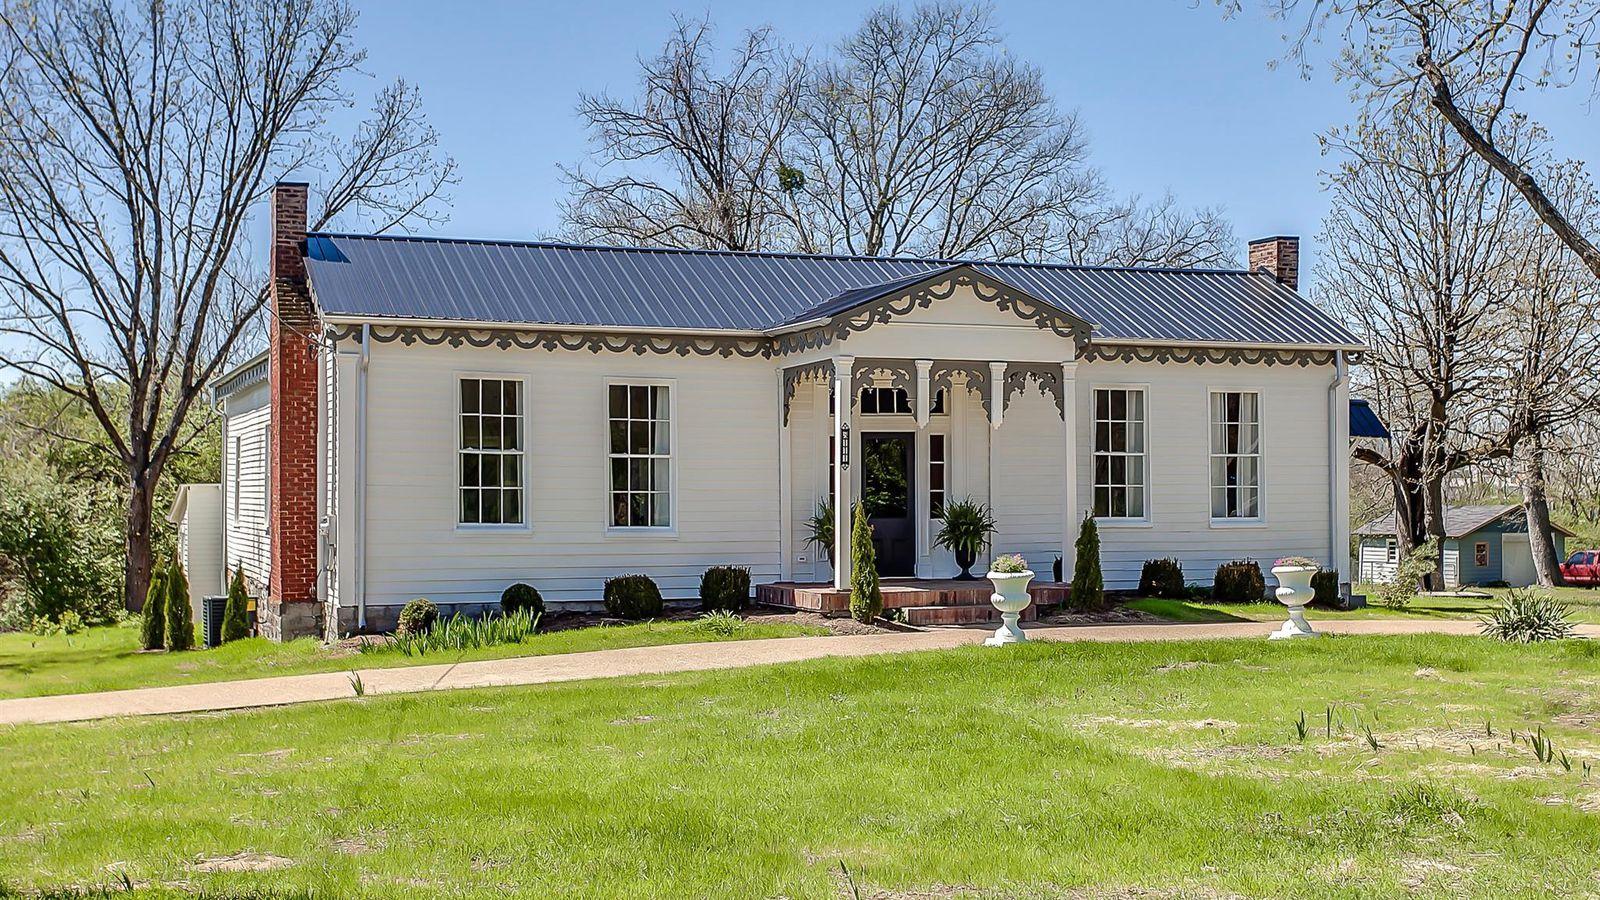 Incredibly restored 1860 nashville home asks 440k curbed for Franks homes in nashville nc